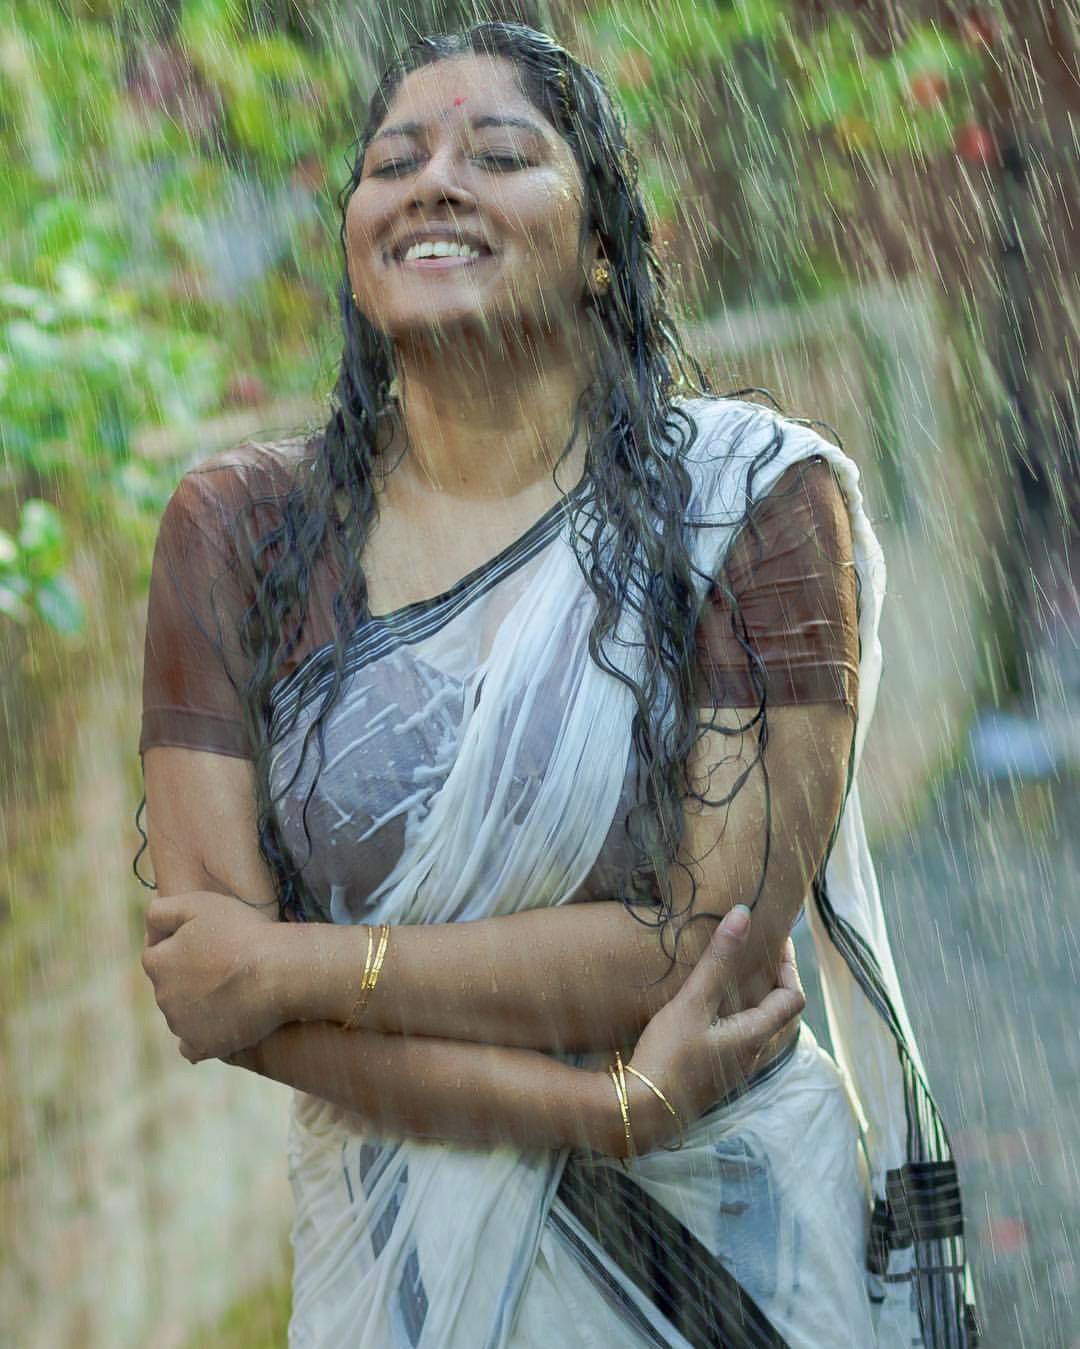 anumol-latest-photos-09983-188